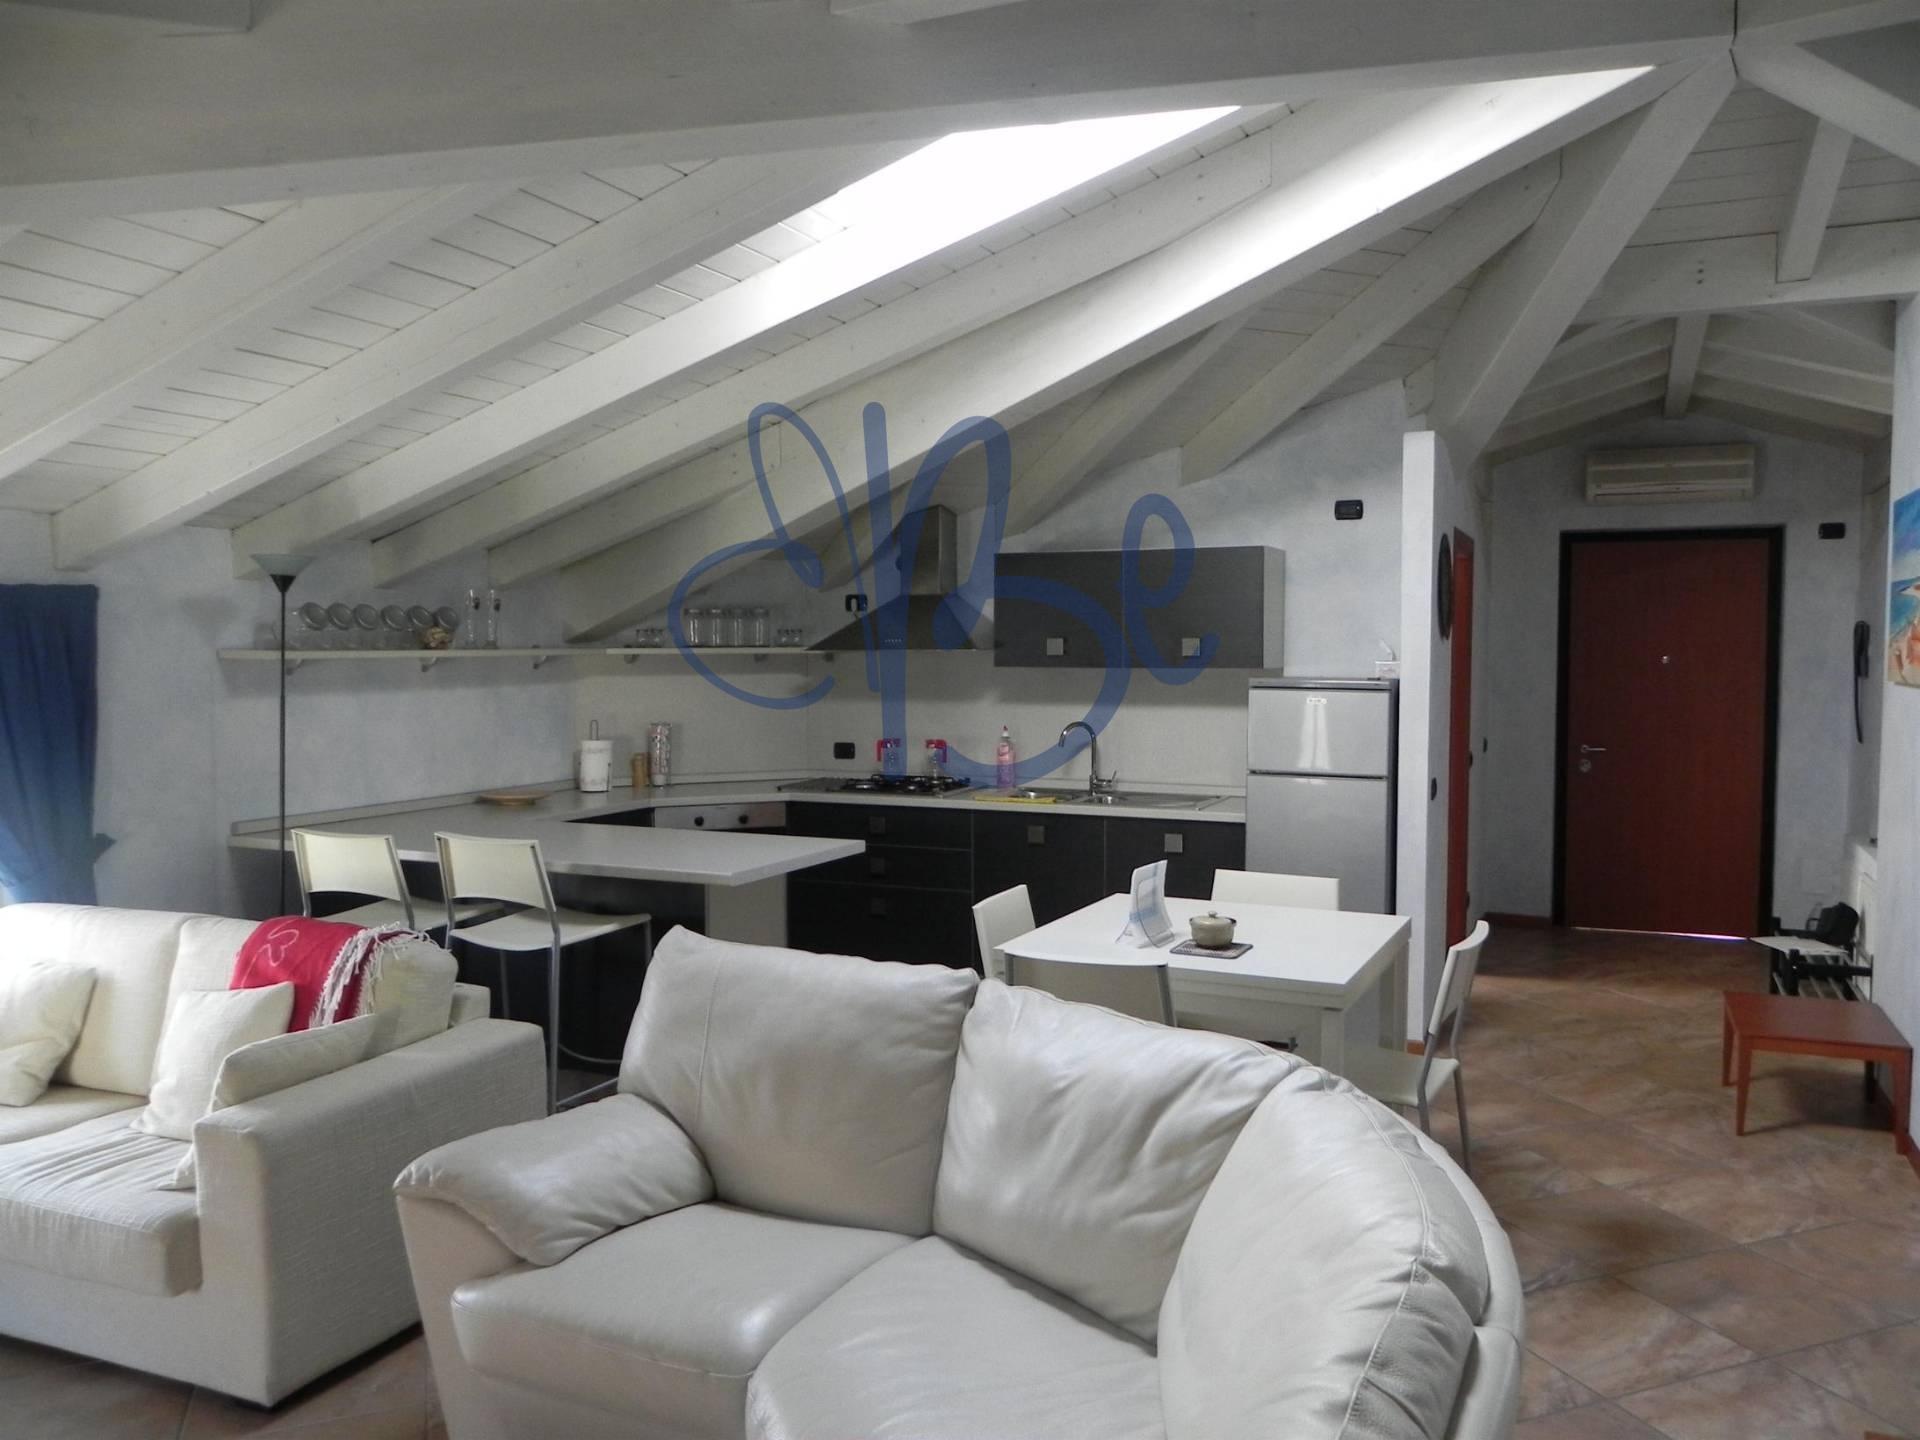 Appartamento in affitto a Salò, 3 locali, zona Località: Salò, prezzo € 1.000 | Cambio Casa.it